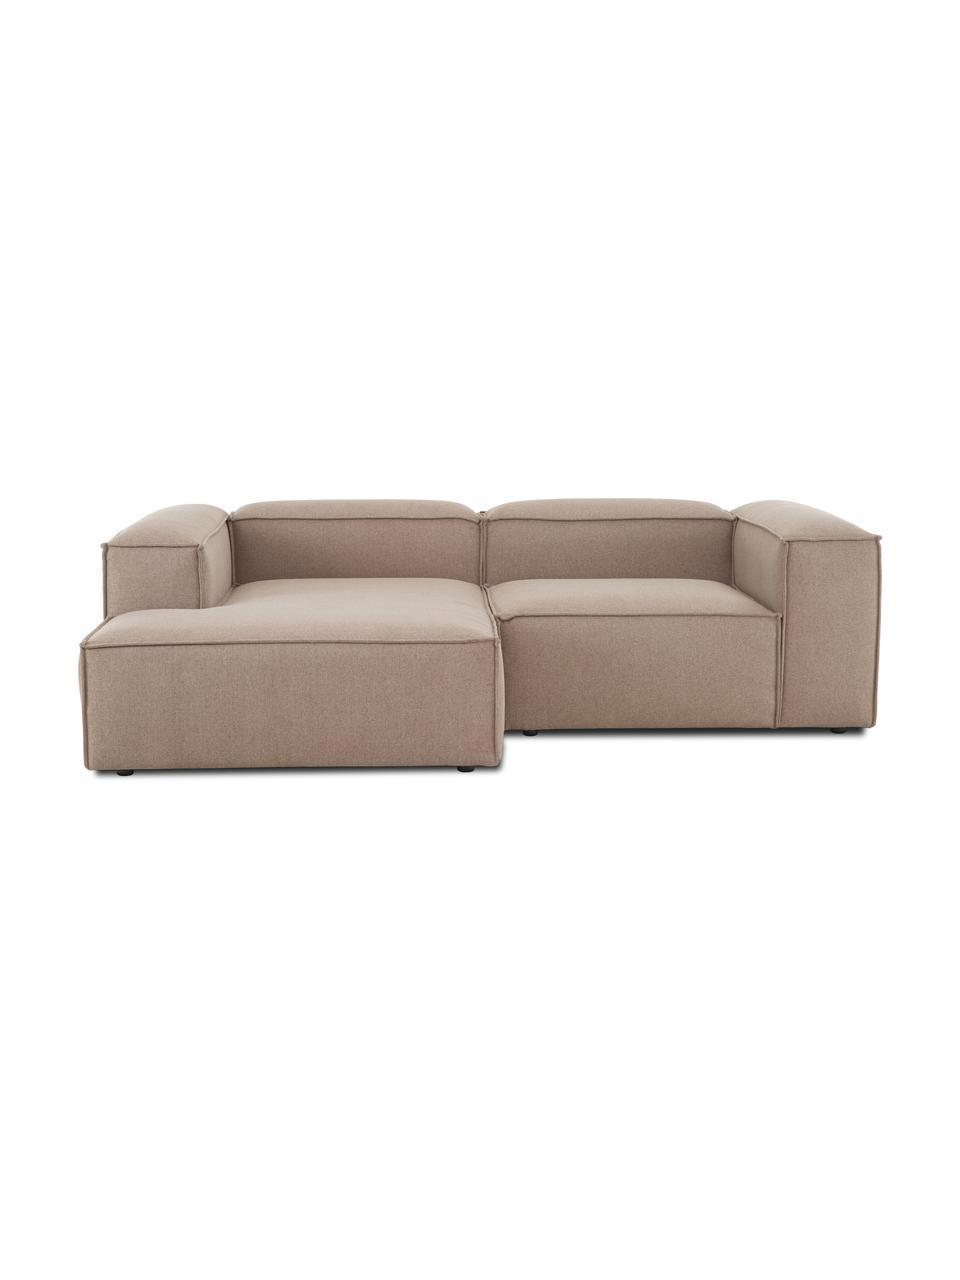 Canapé d'angle modulable tissu brun Lennon, Tissu brun